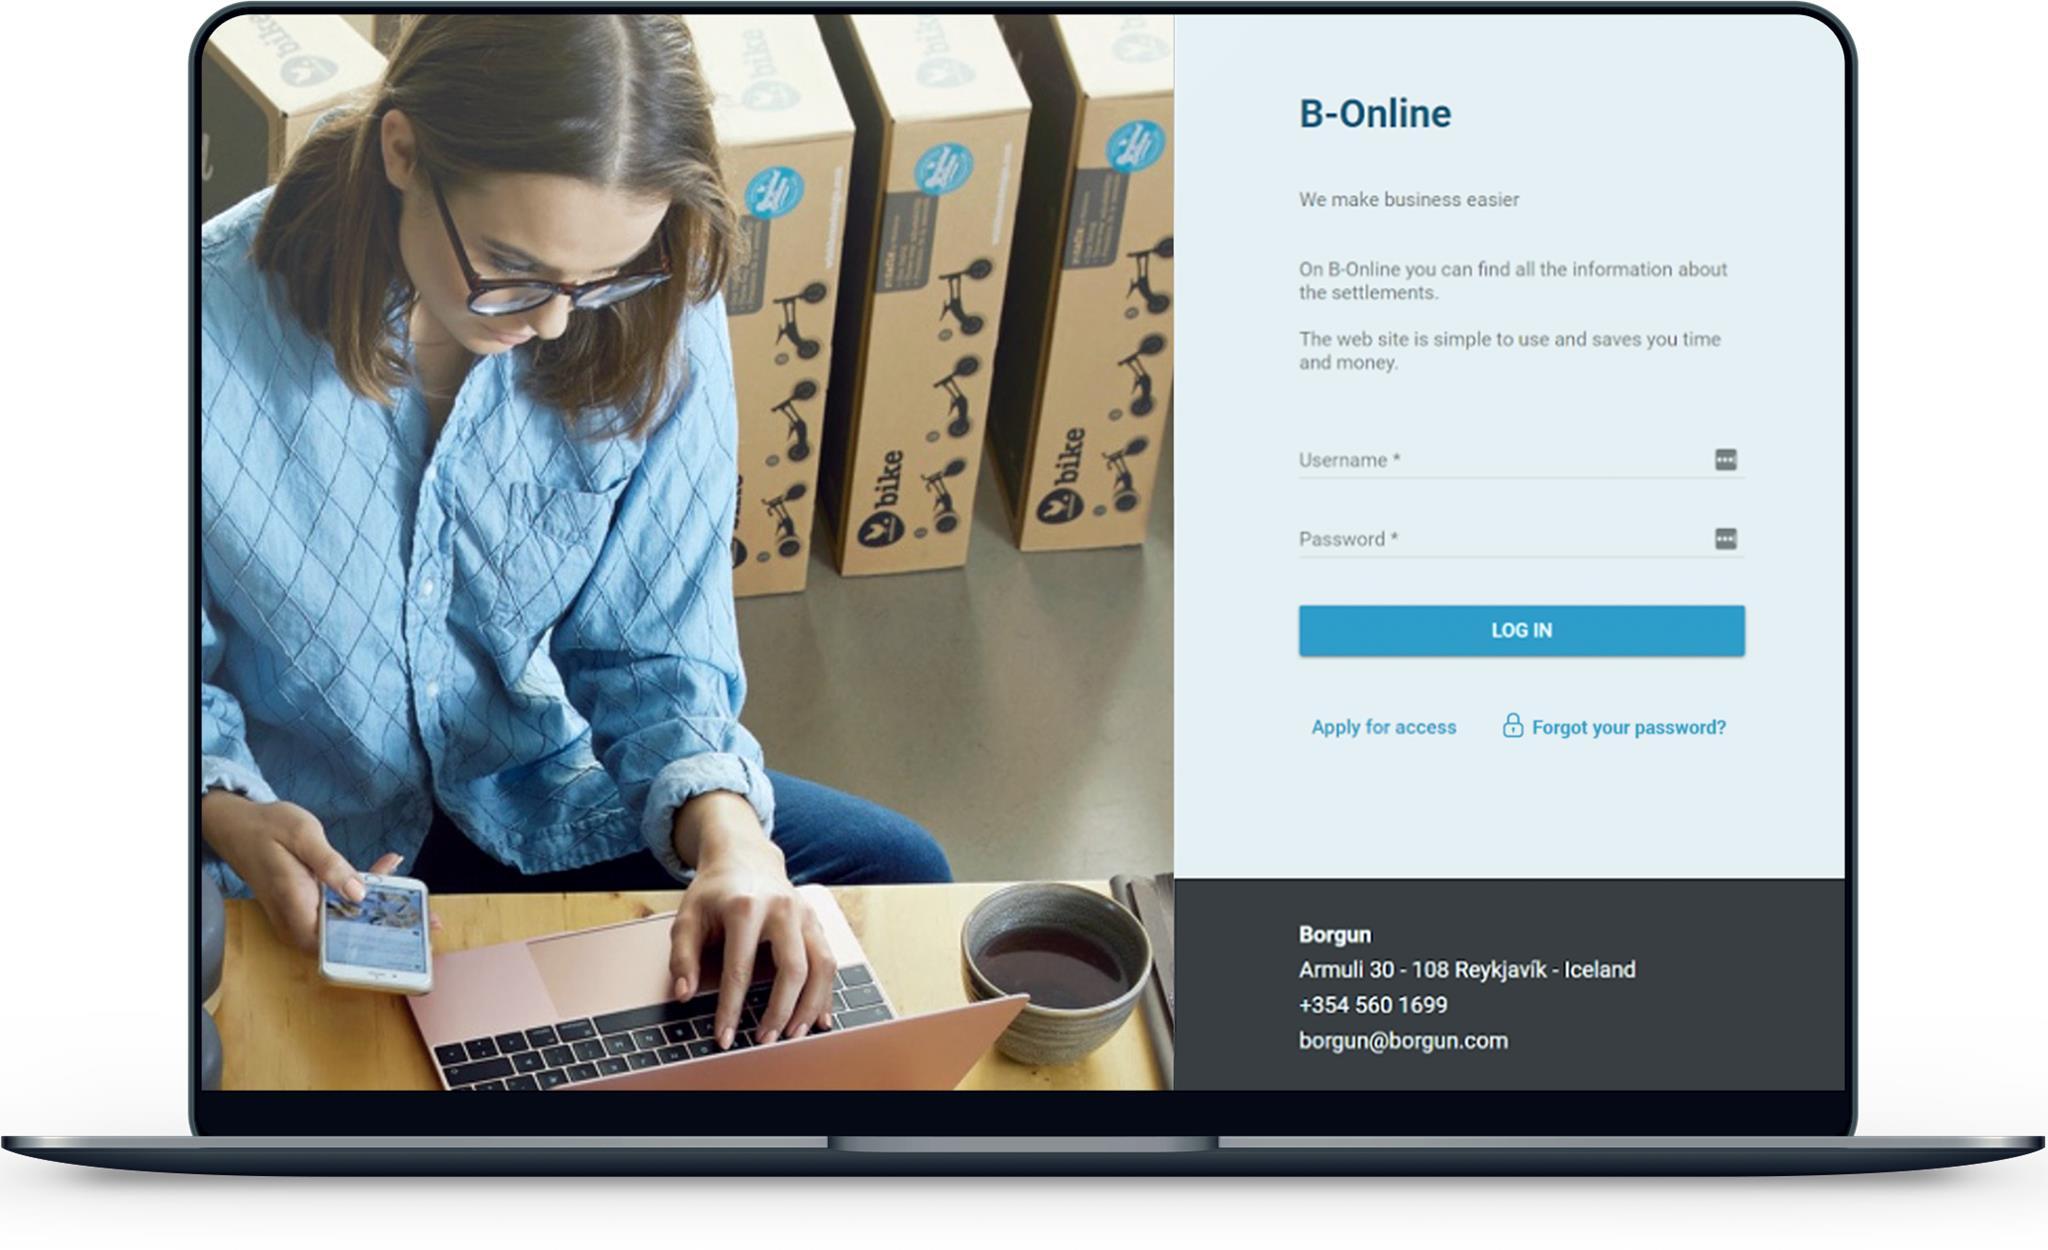 kereset online munkabevétel online)